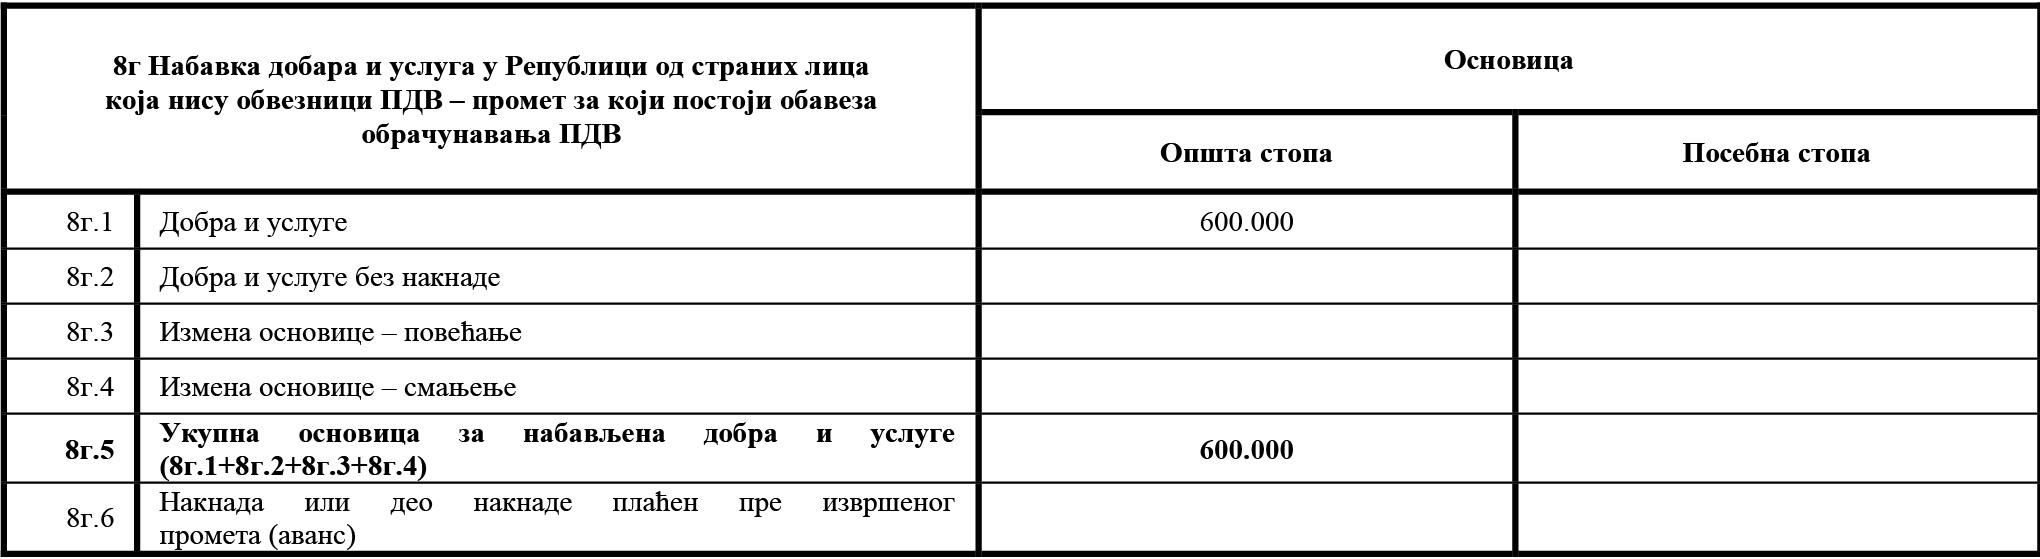 uputstvo PU obrazac POPDV primer 109